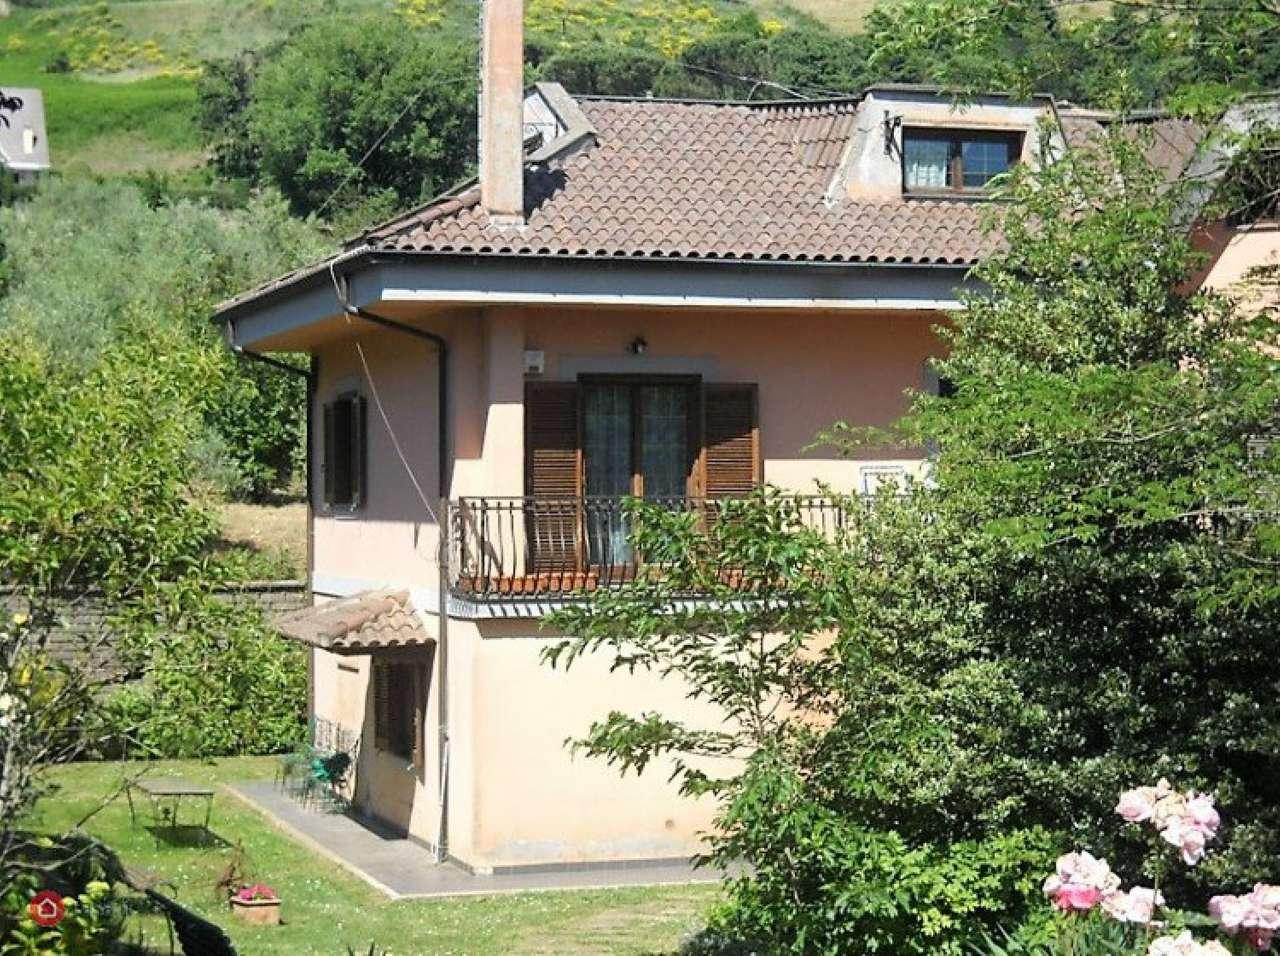 Villa Tri-Quadrifamiliare in vendita a Monte Compatri, 5 locali, prezzo € 295.000 | CambioCasa.it